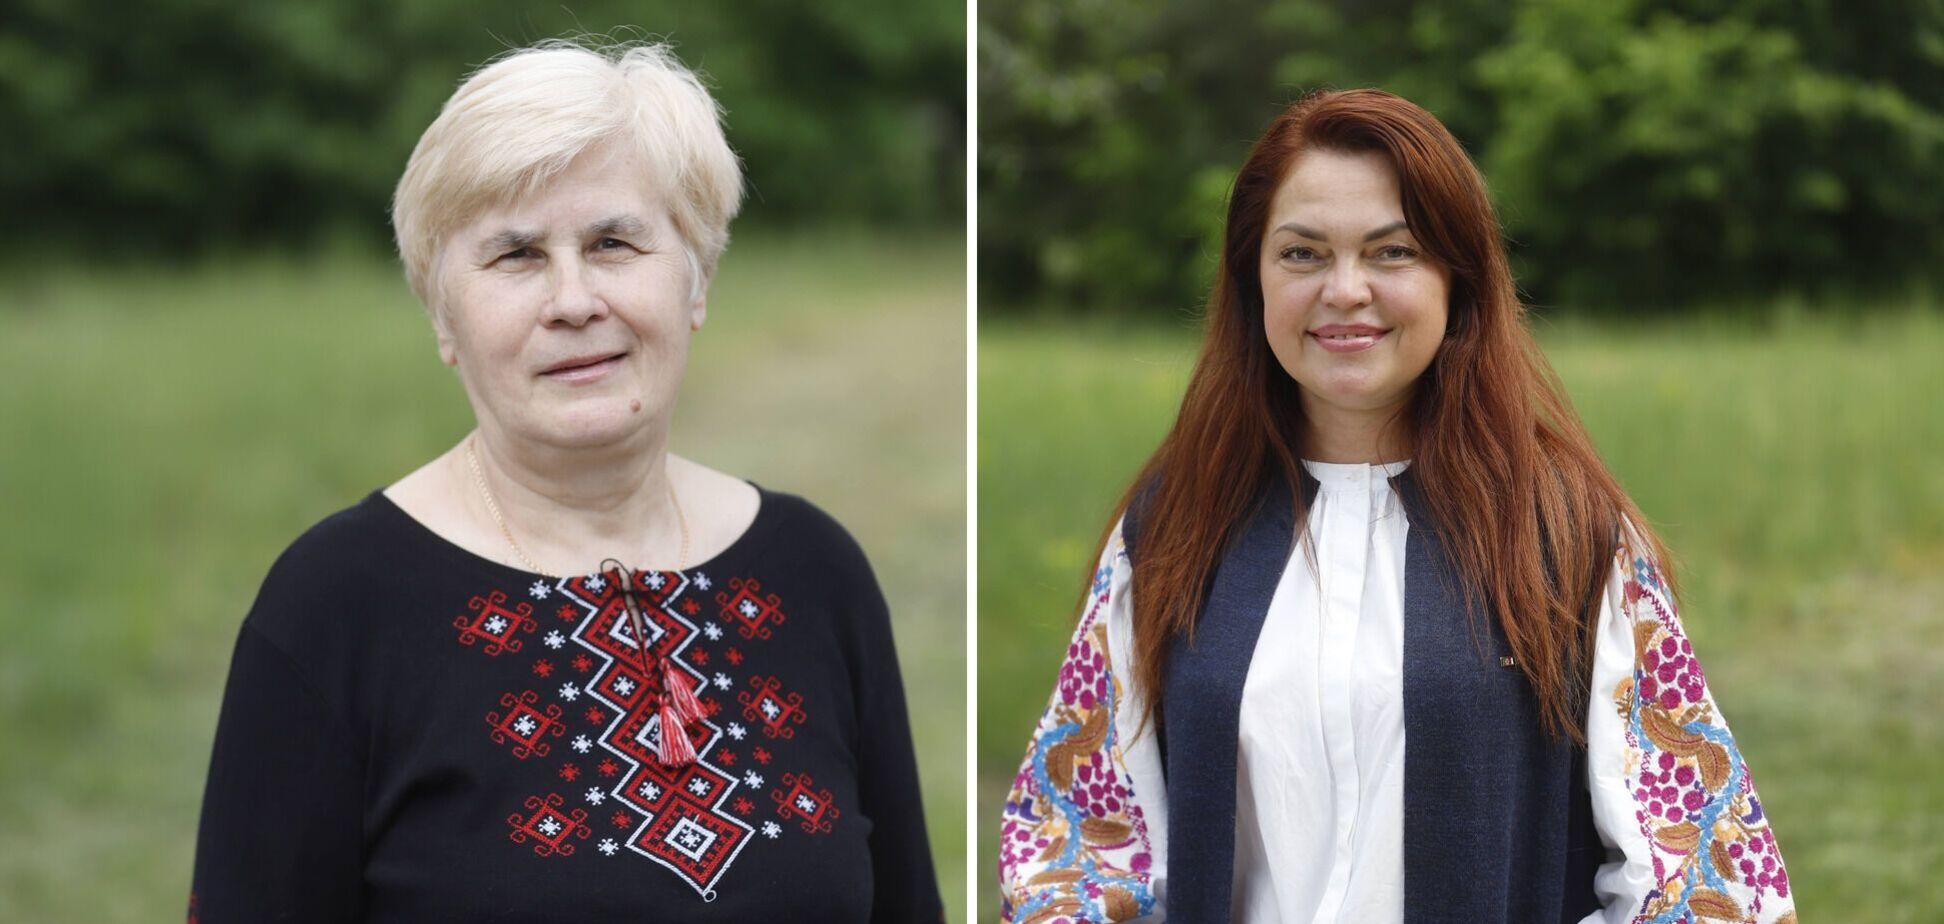 В муниципальном лагере 'Золотой возраст' провели показ вышиванок: дефилировали отдыхающие